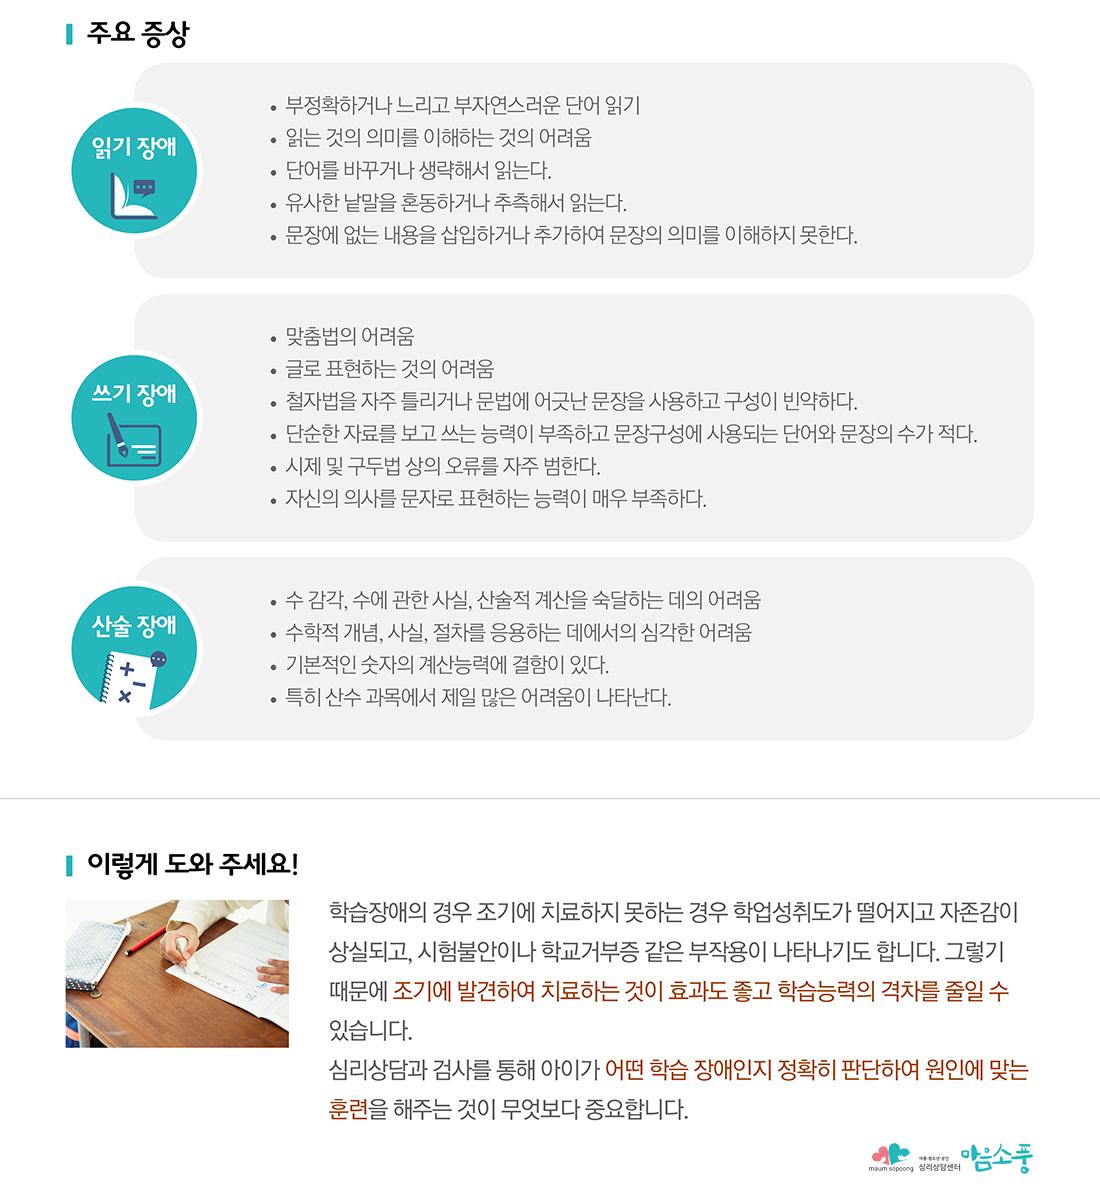 학습장애-아동청소년상담-심리상담센터 마음소풍